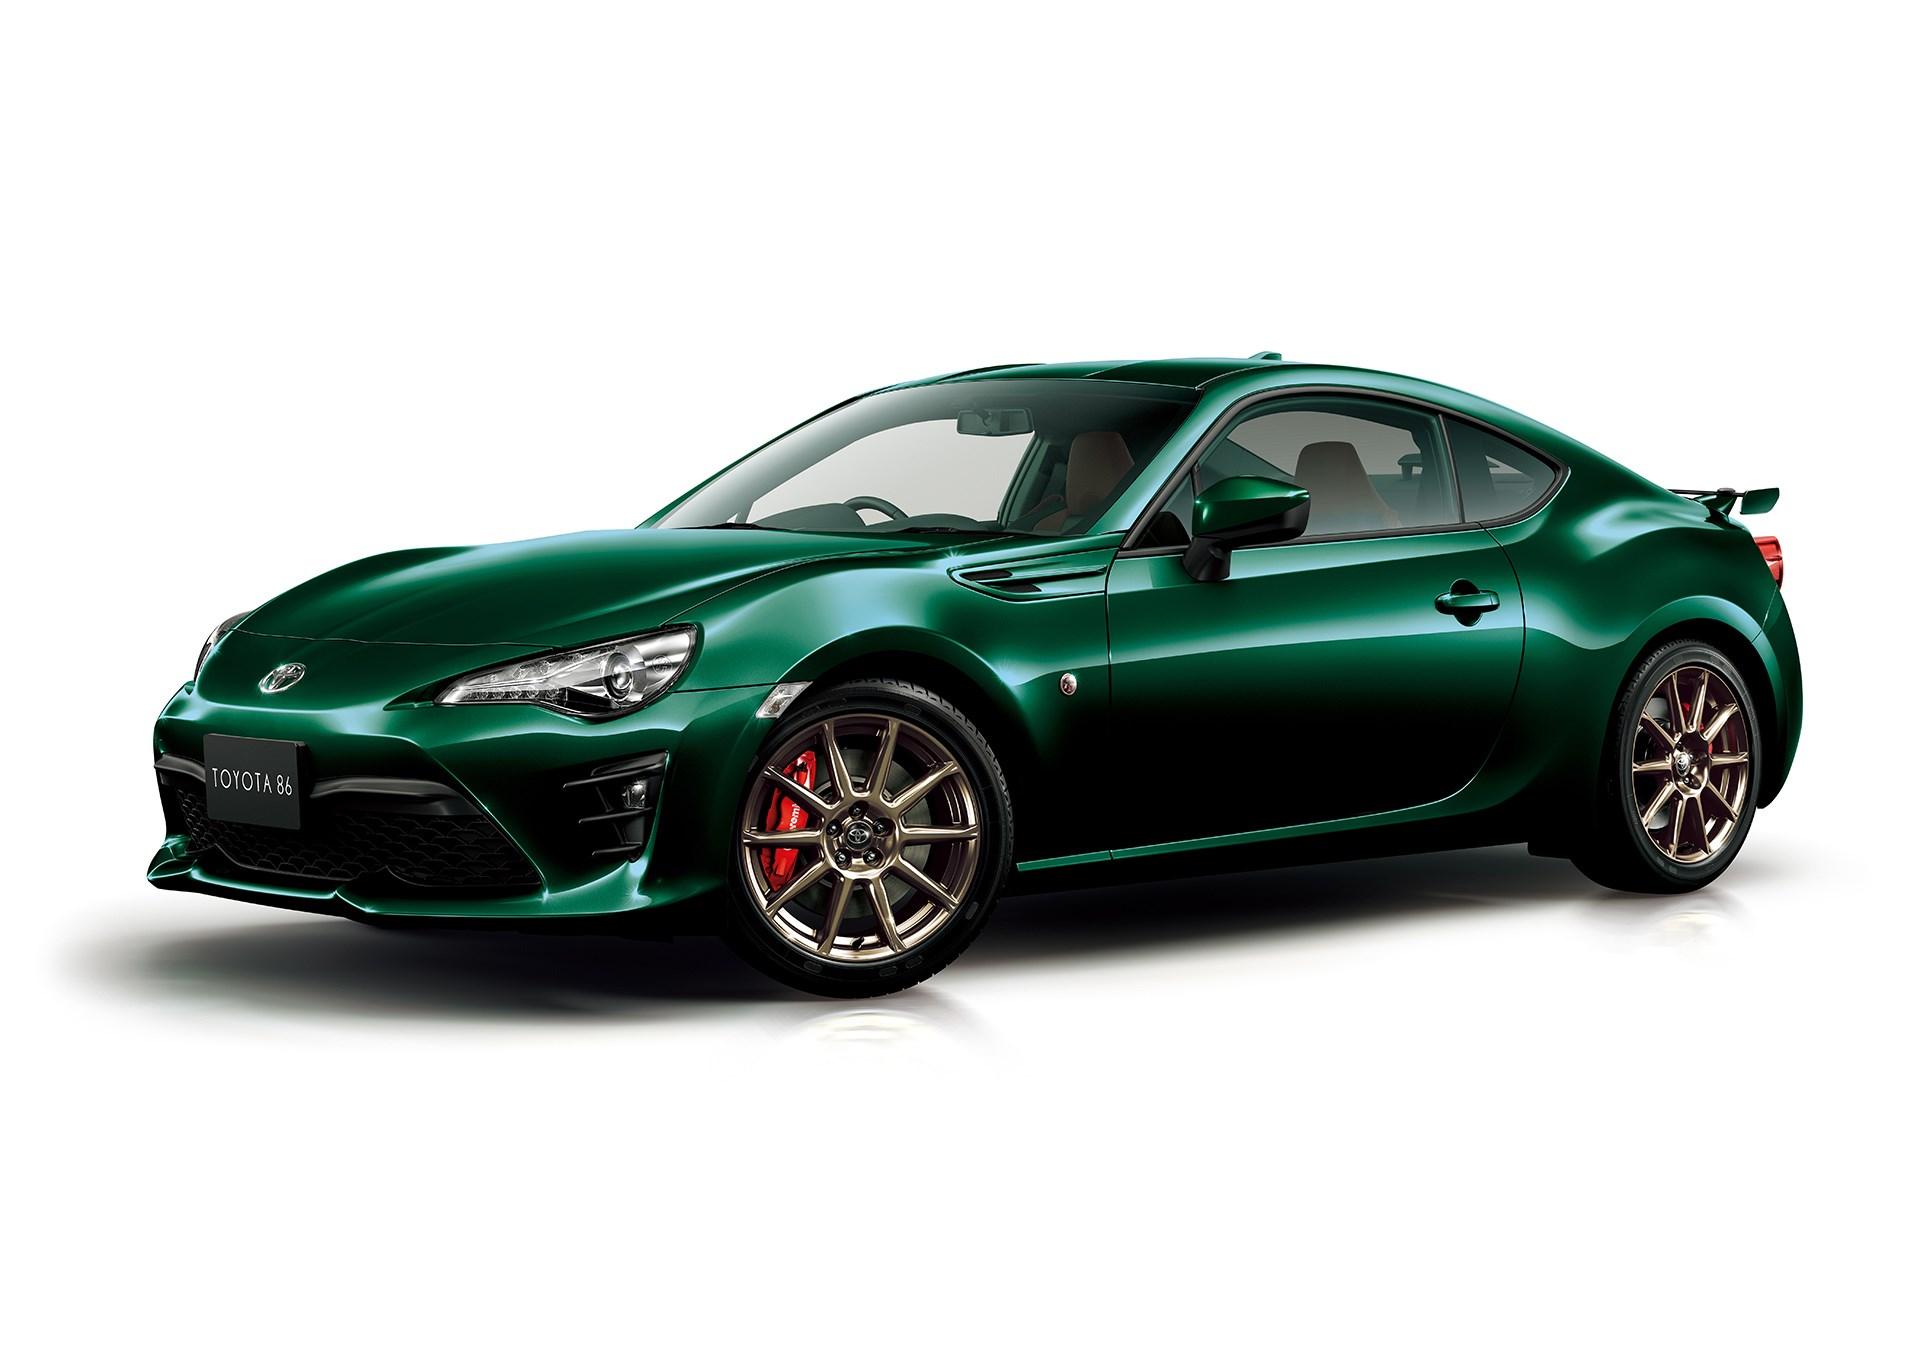 トヨタ86にグリーンカラーの特別仕様車、オプションの「ハイパフォーマンスパッケージ」は付けるべきか?